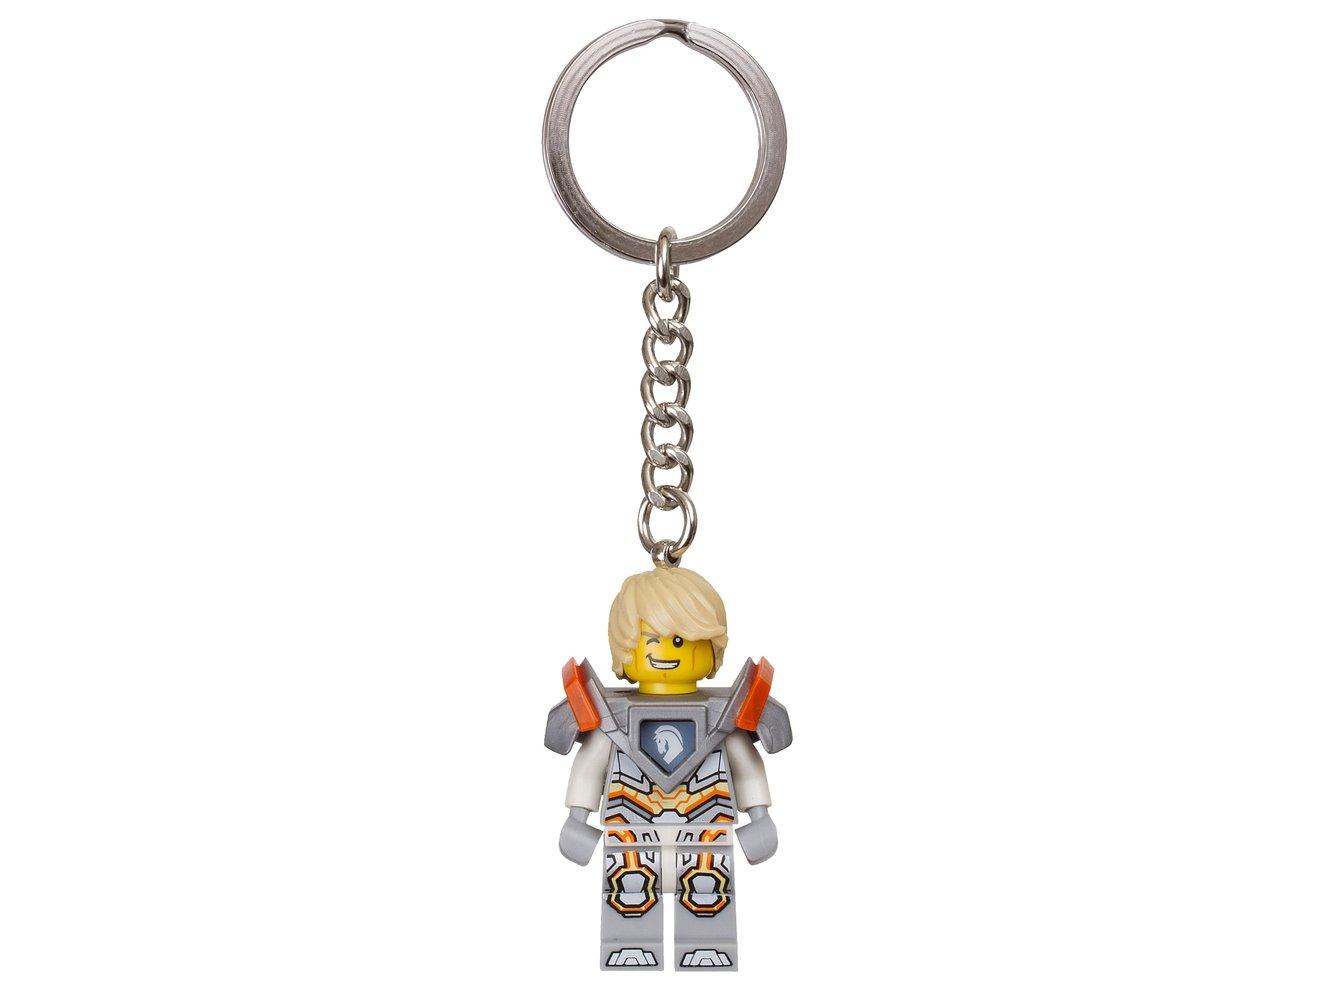 Lance Key Chain